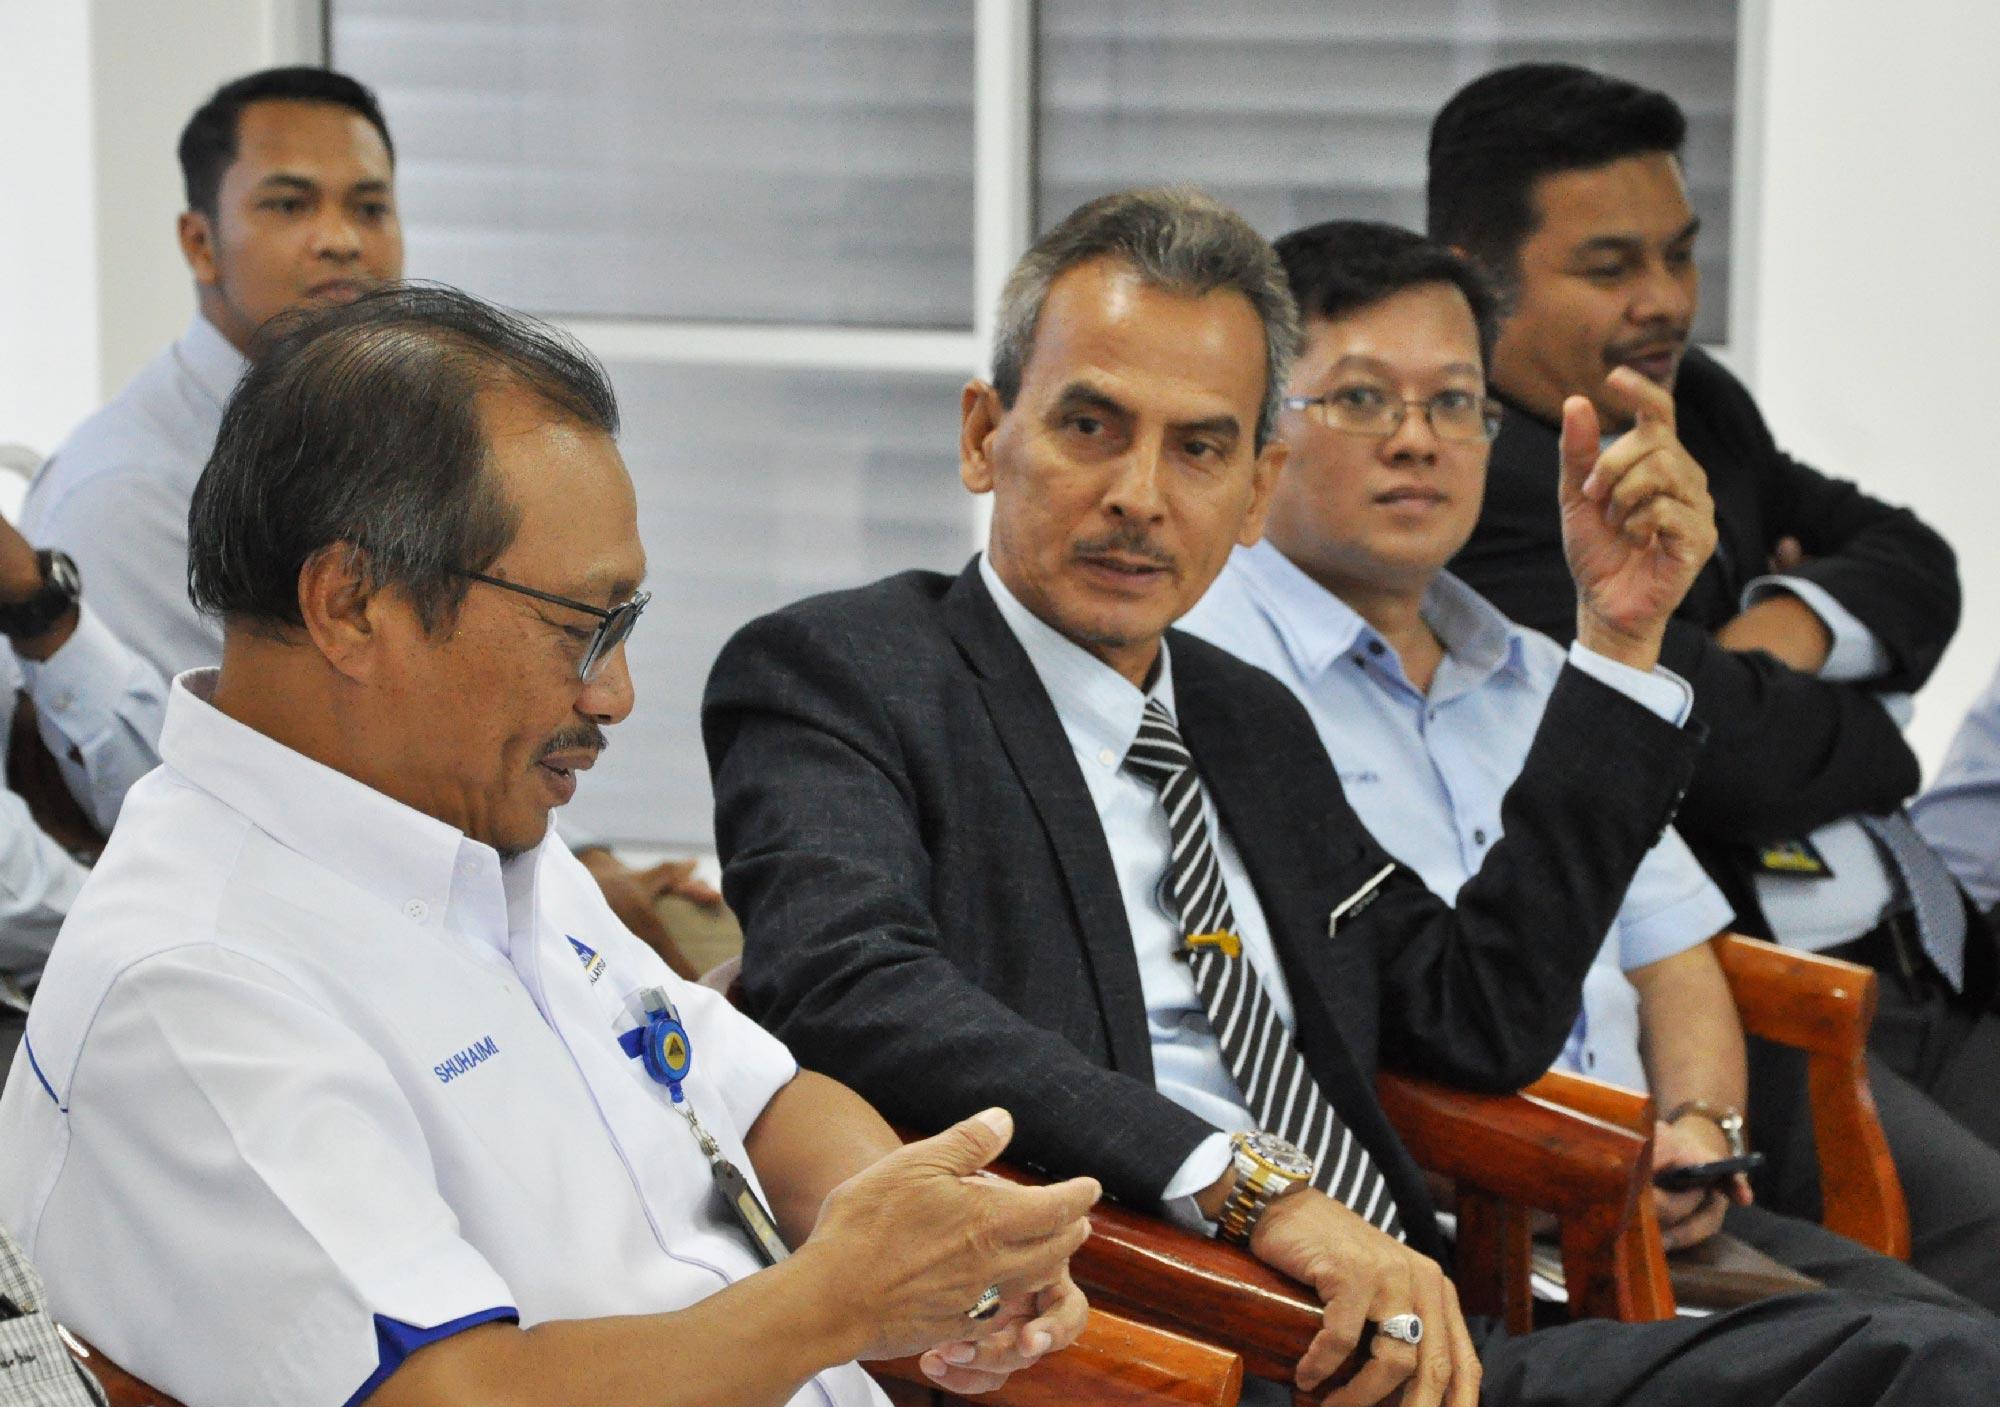 Visit by Lembaga Hasil Dalam Negeri (LHDN) to Pengerang Integrated Petroleum Complex (PIPC)